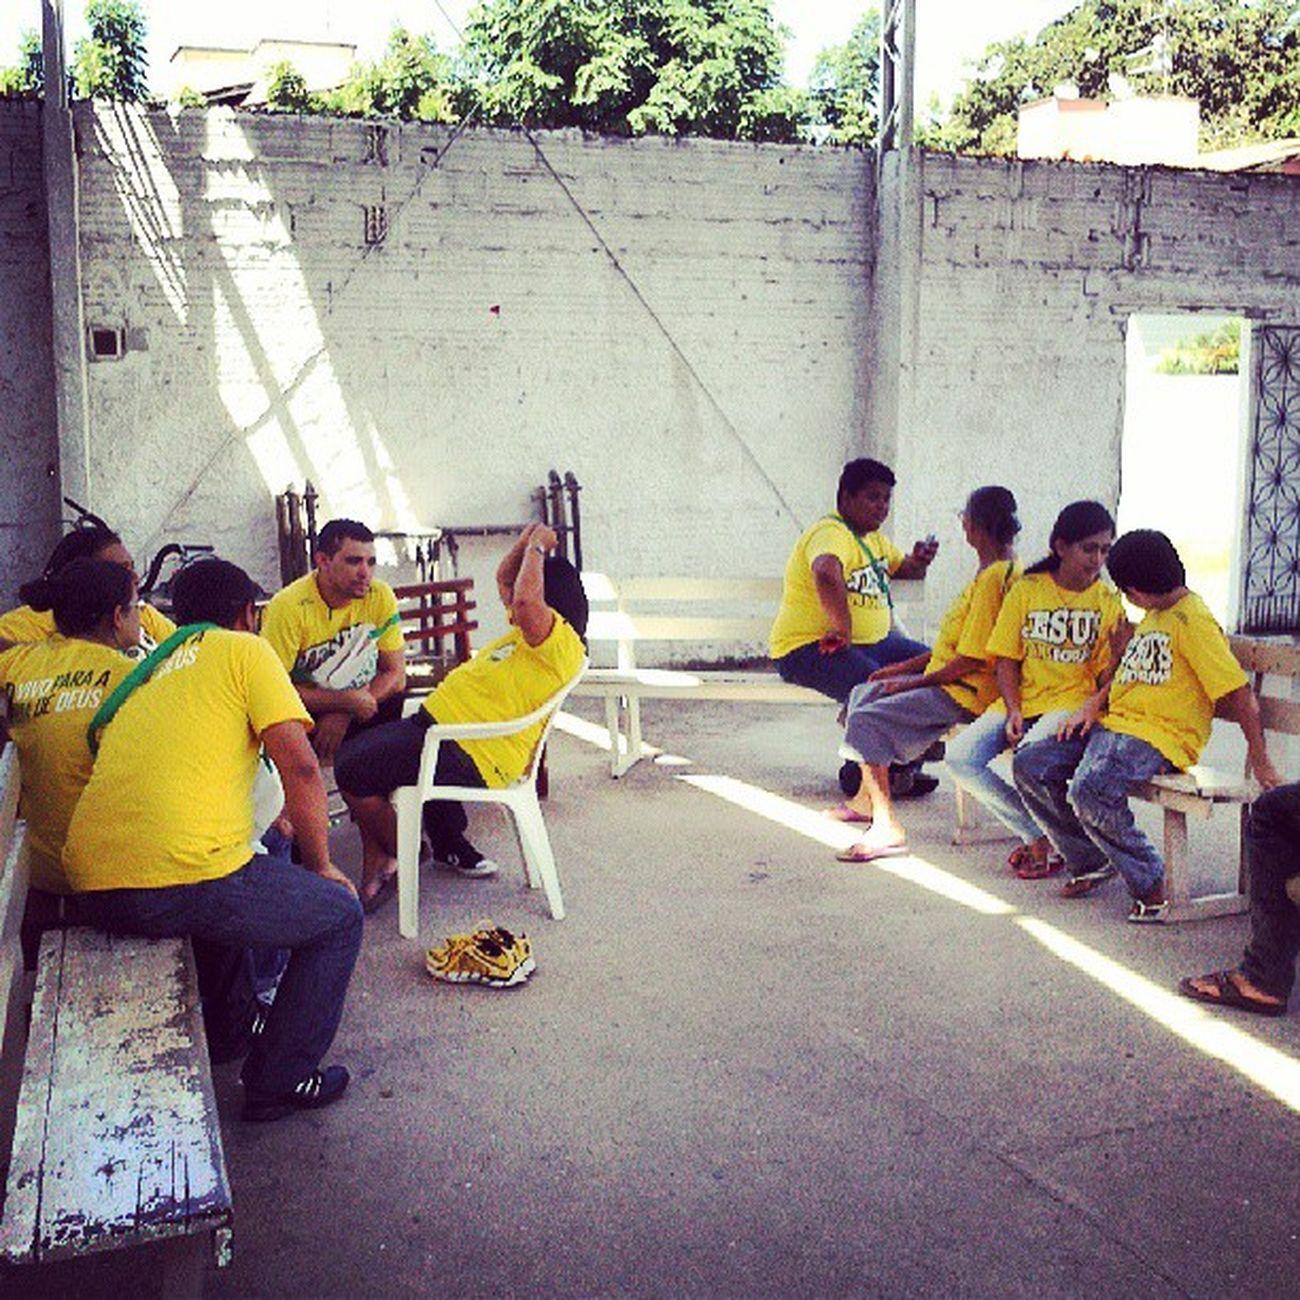 Evangelistas em concentração para pregar a Palavra de Deus! Deusacimadetudo Evangelizar Evangeliza ção